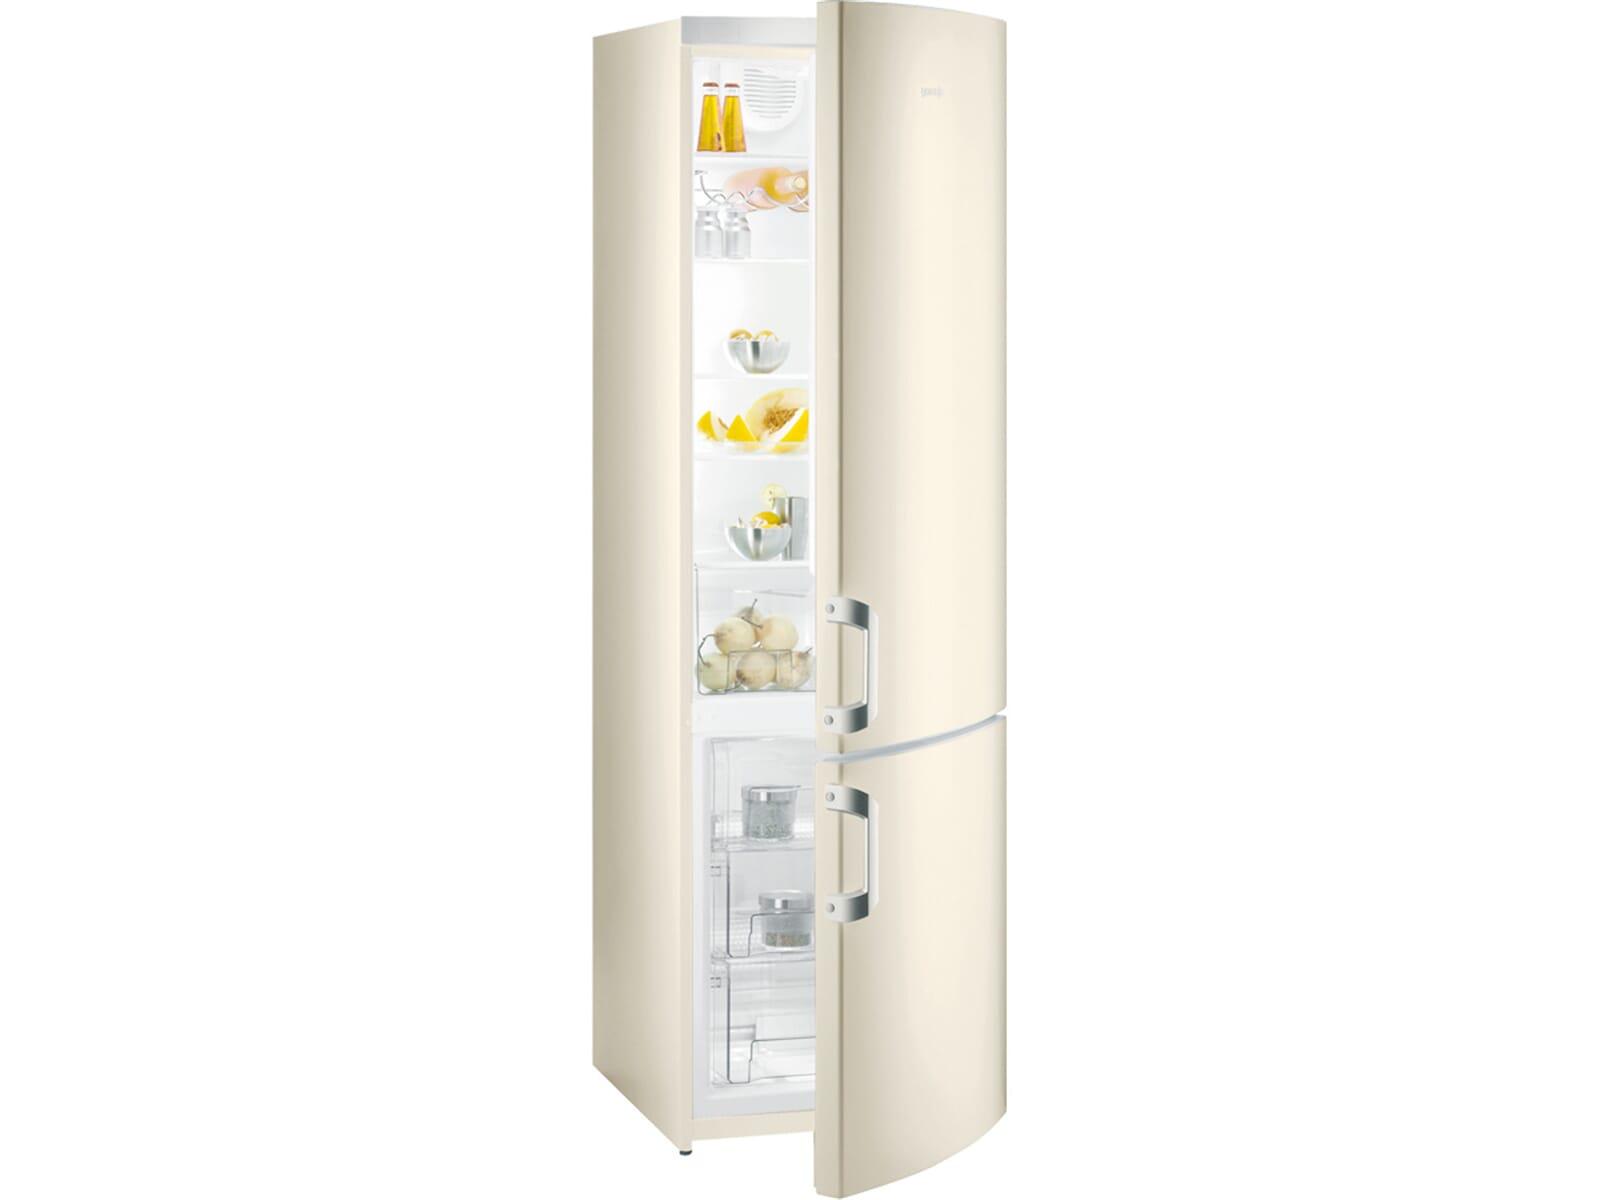 Gorenje Kühlschrank R 6192 Fw : Kühlschrank gorenje gorenje heute ist der offizielle